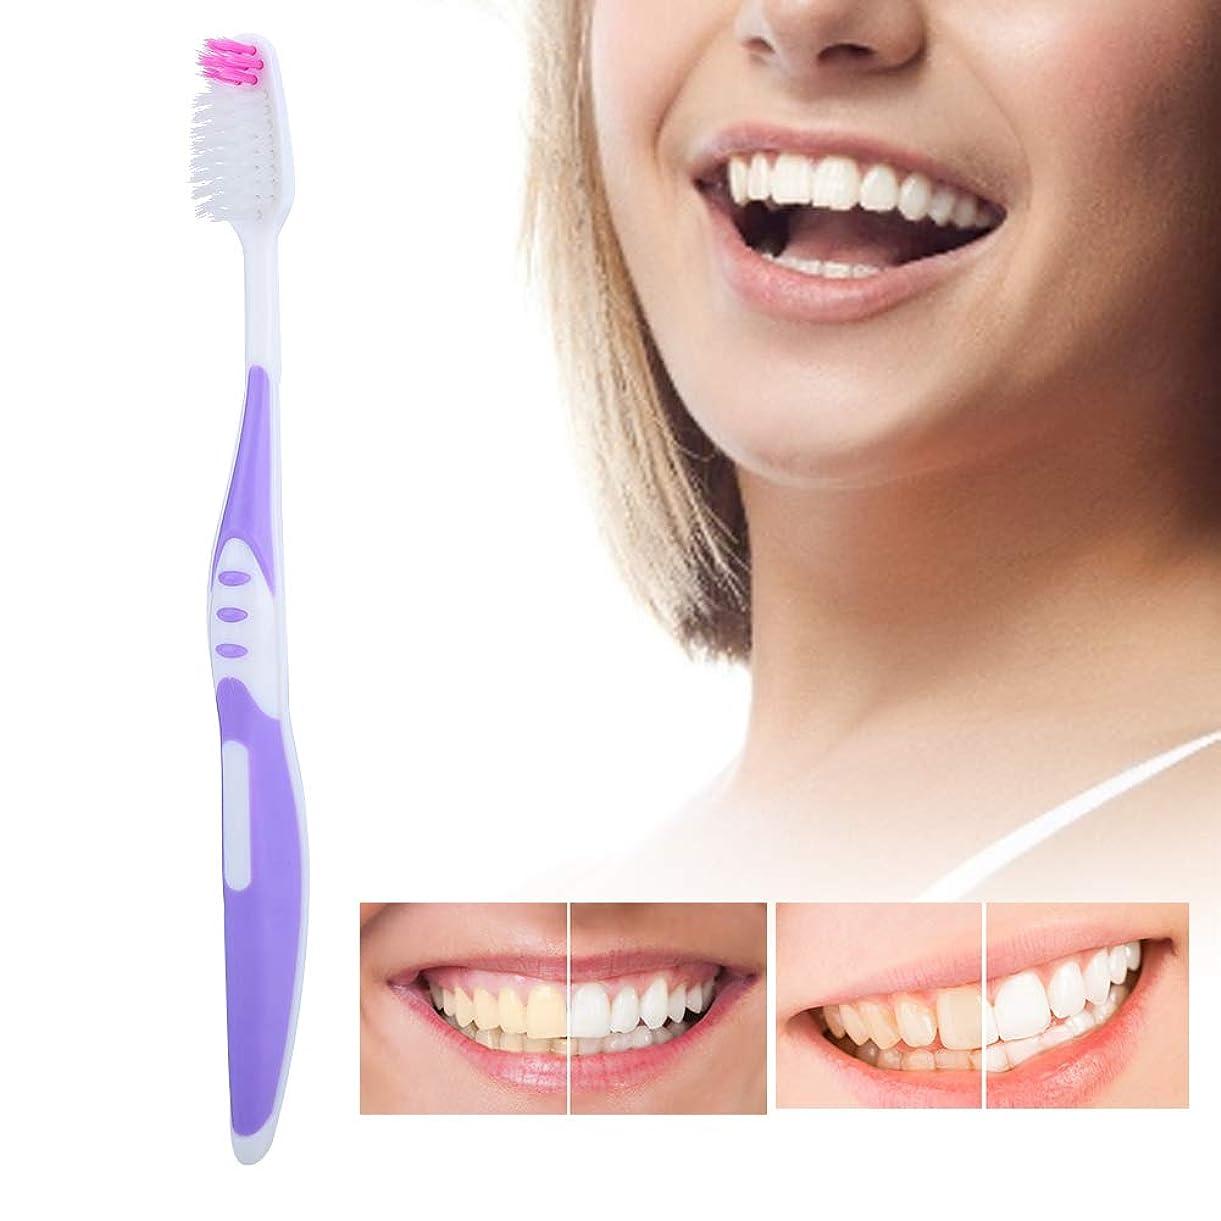 傾向があります移動シェードソフトブラシ髪の歯ブラシ10個入りpp滑り止めハンドル歯のクレンジングブラシ用大人パープル